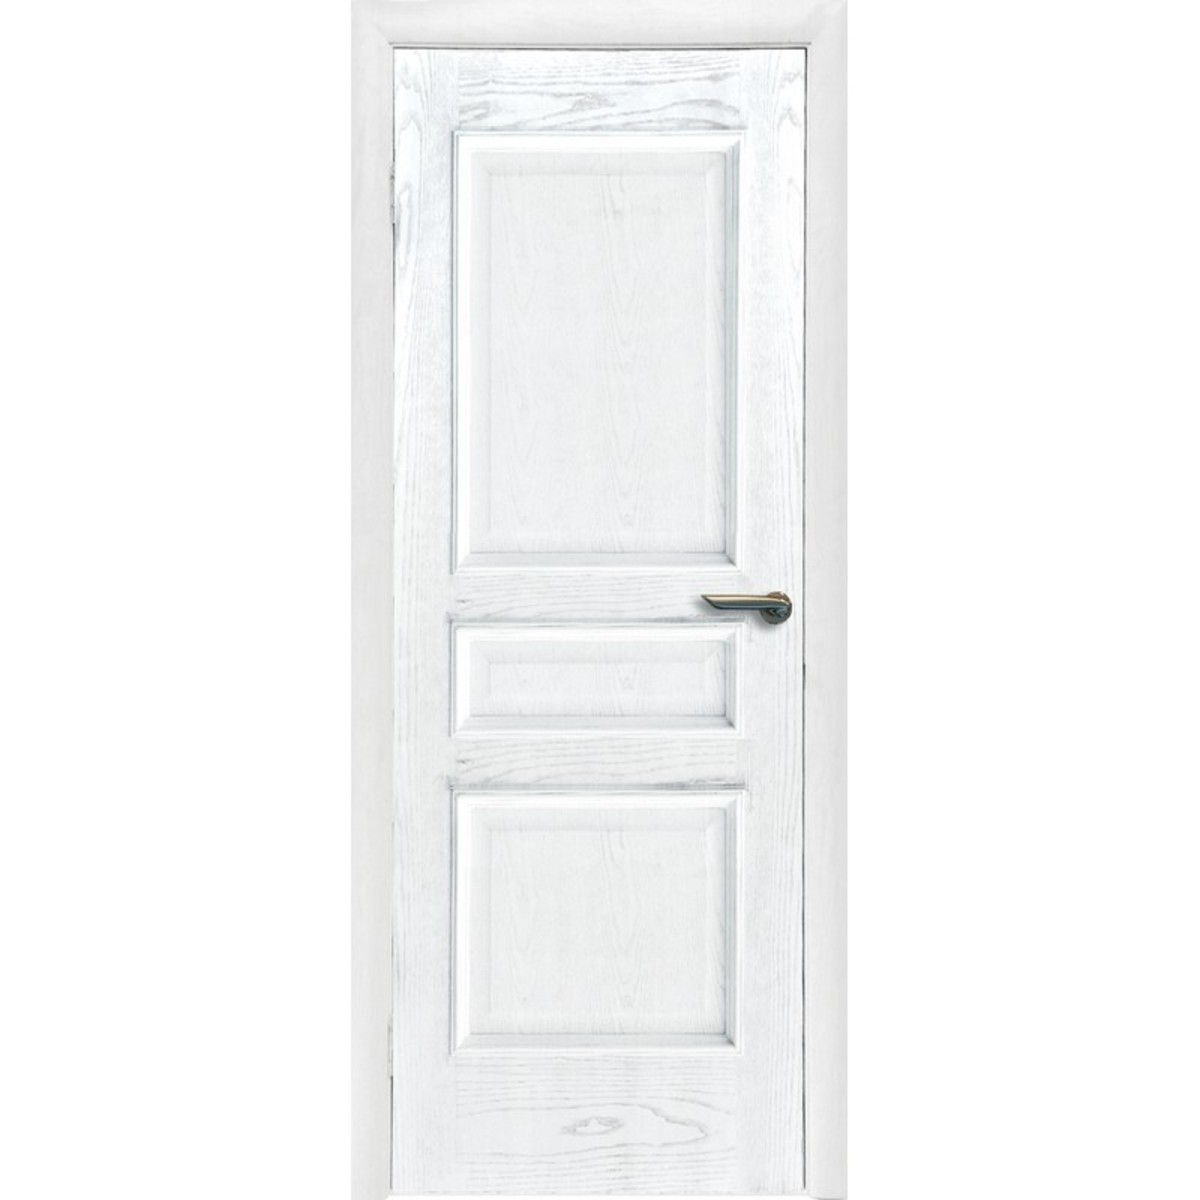 Дверь межкомнатная глухая Корона 90x200 см шпон цвет ясень